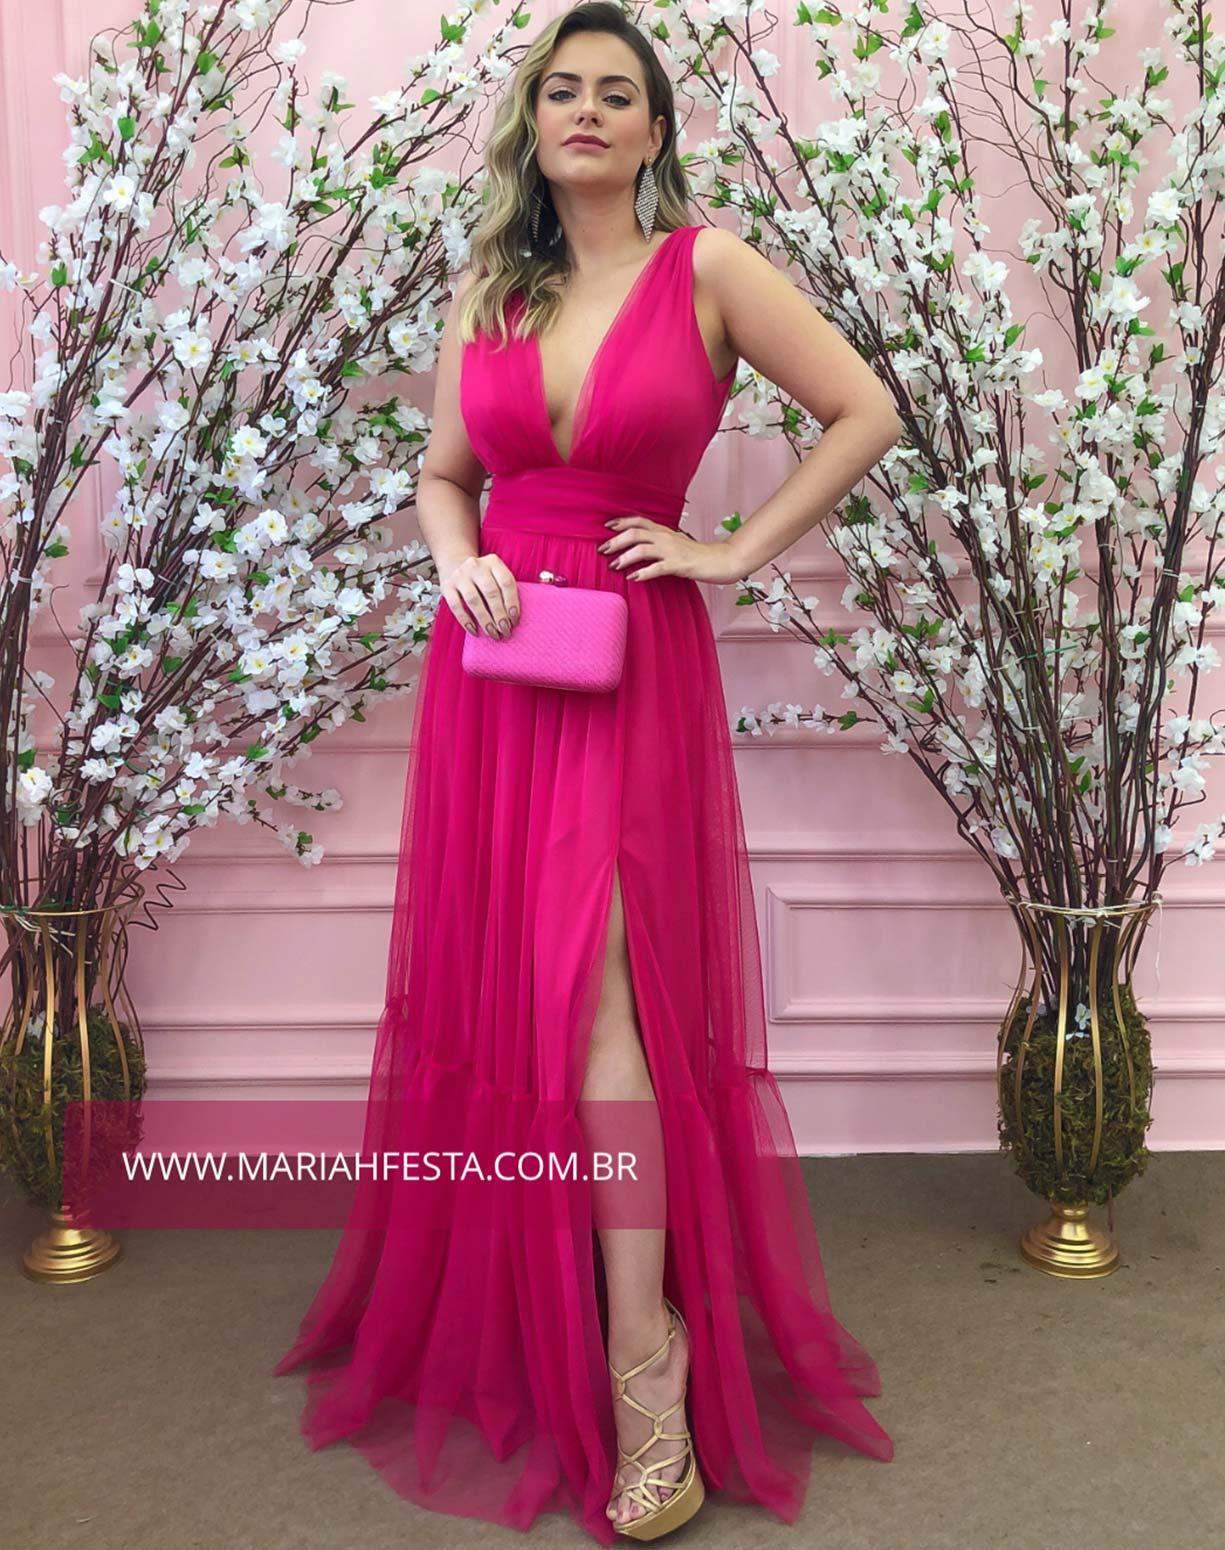 Vestido Rosa Pink em Tule de Saia Evasê com Fenda